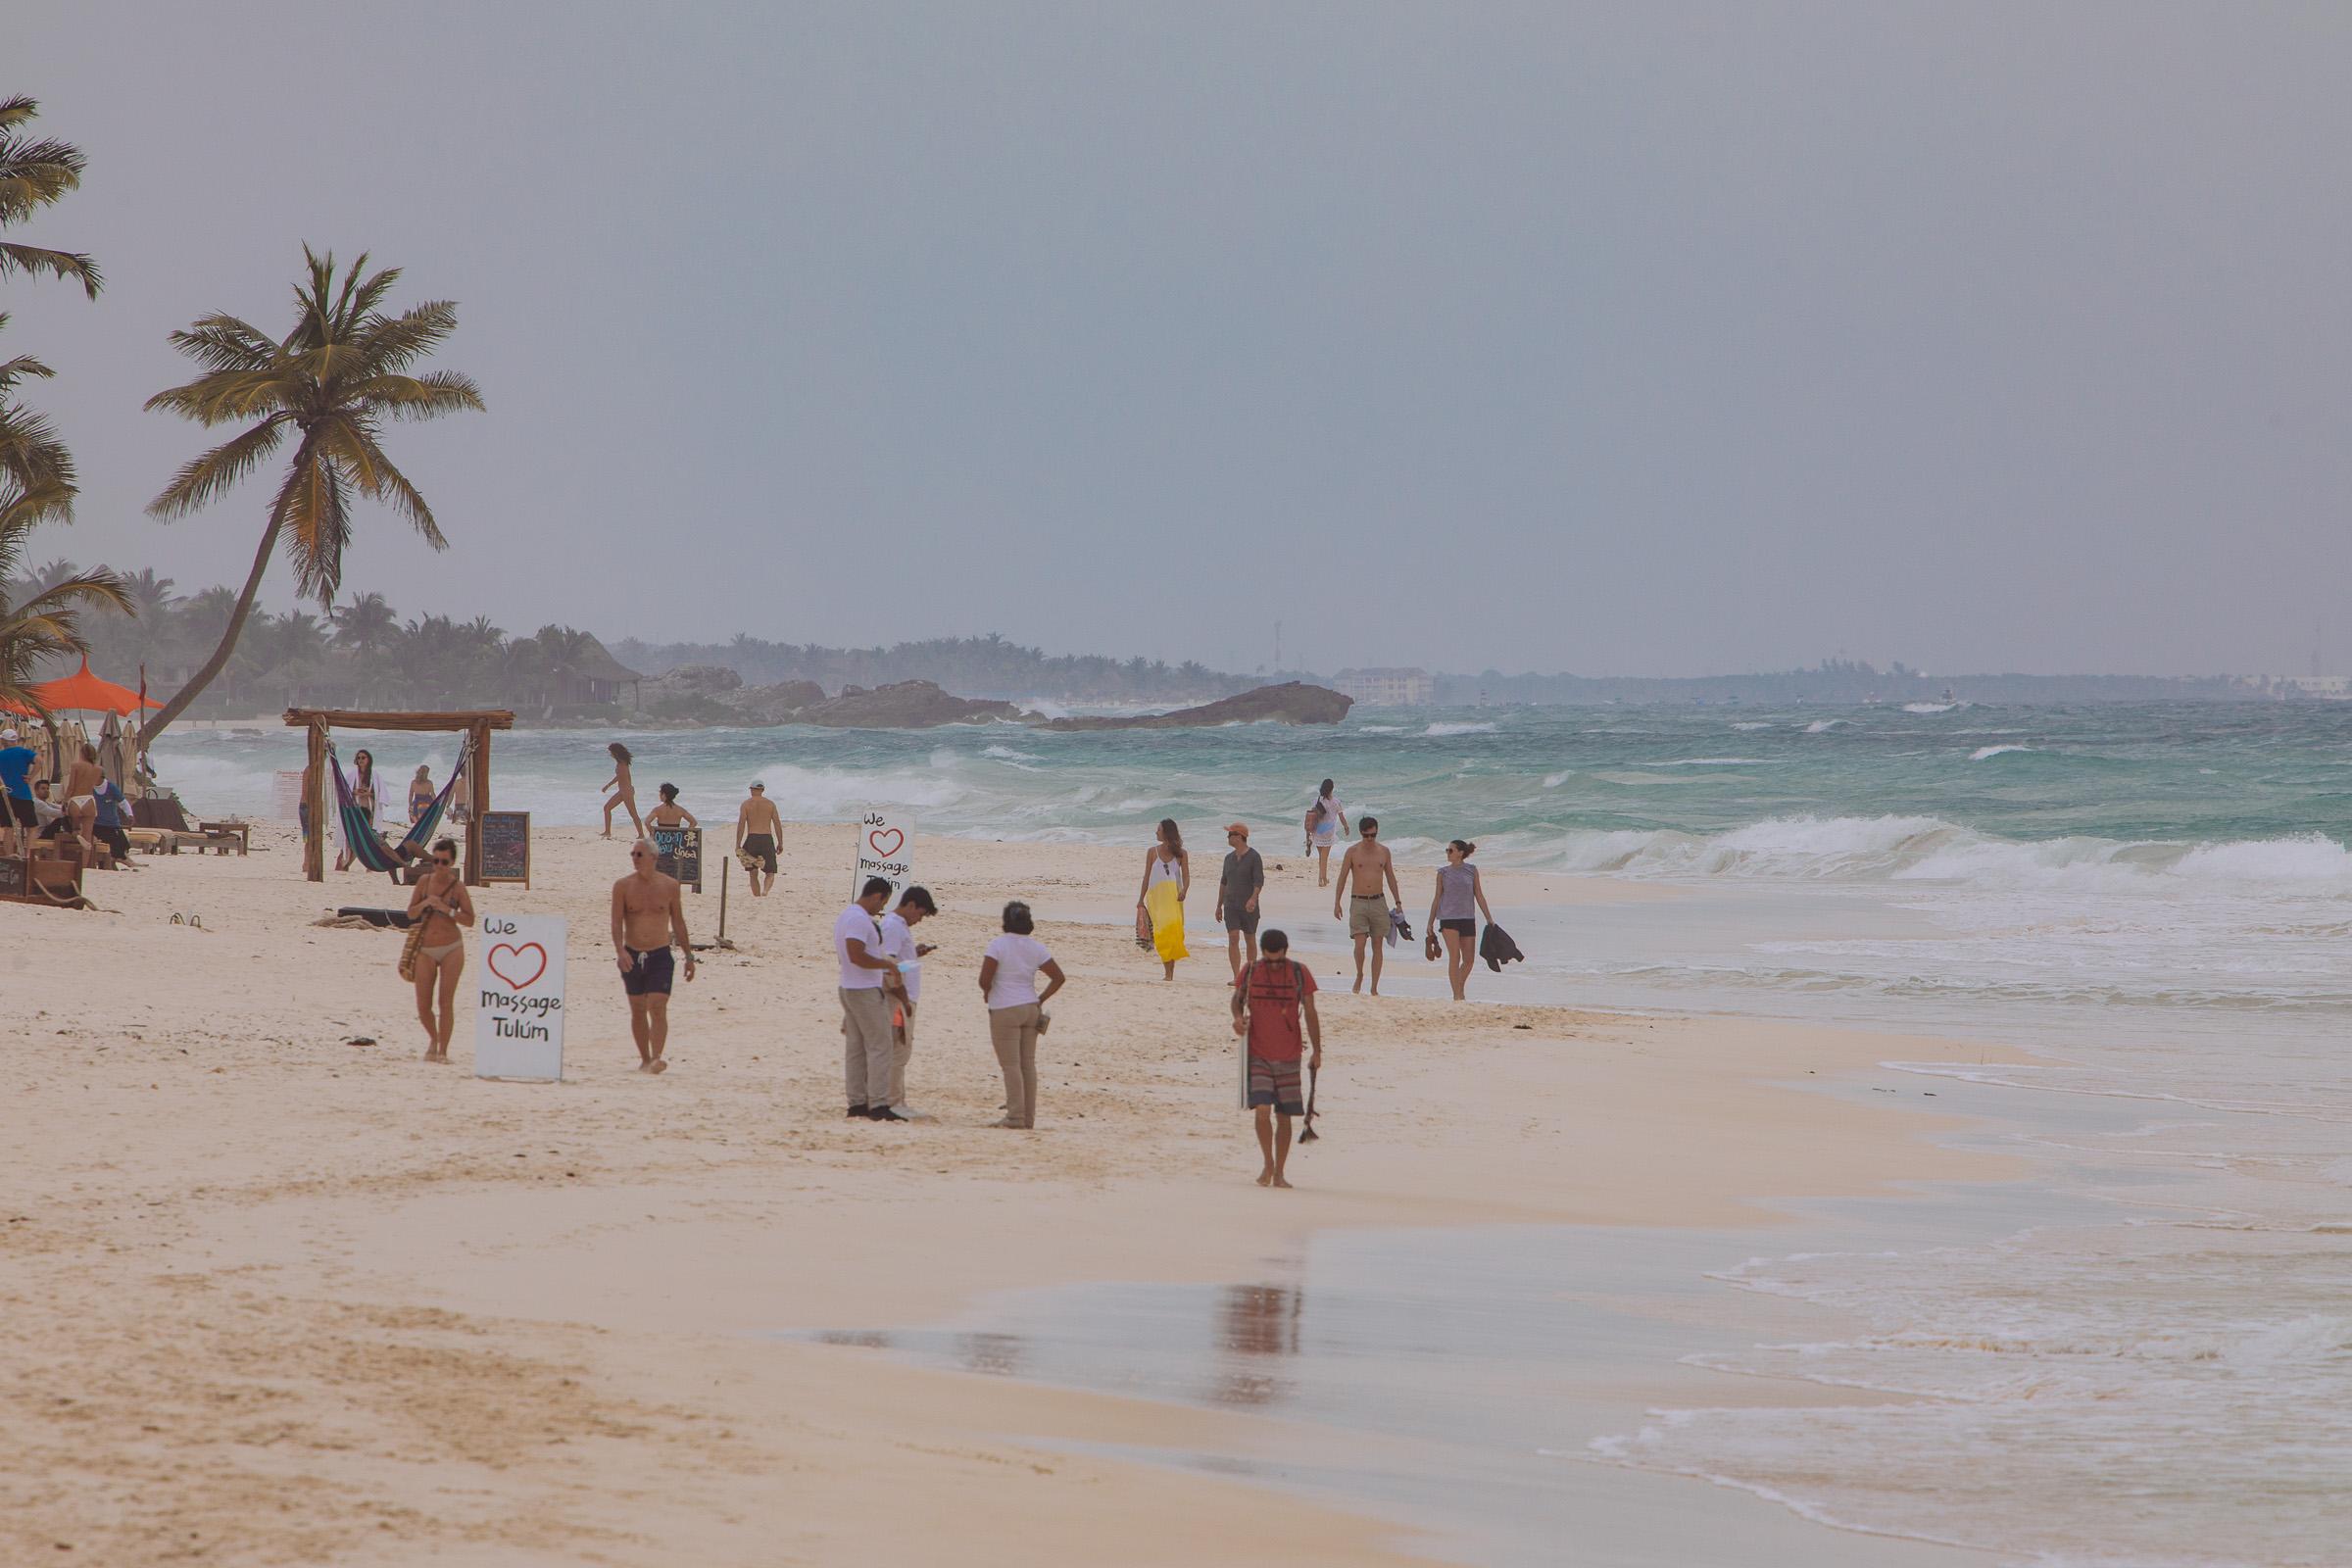 Raues Wetter am Strand von Tulum